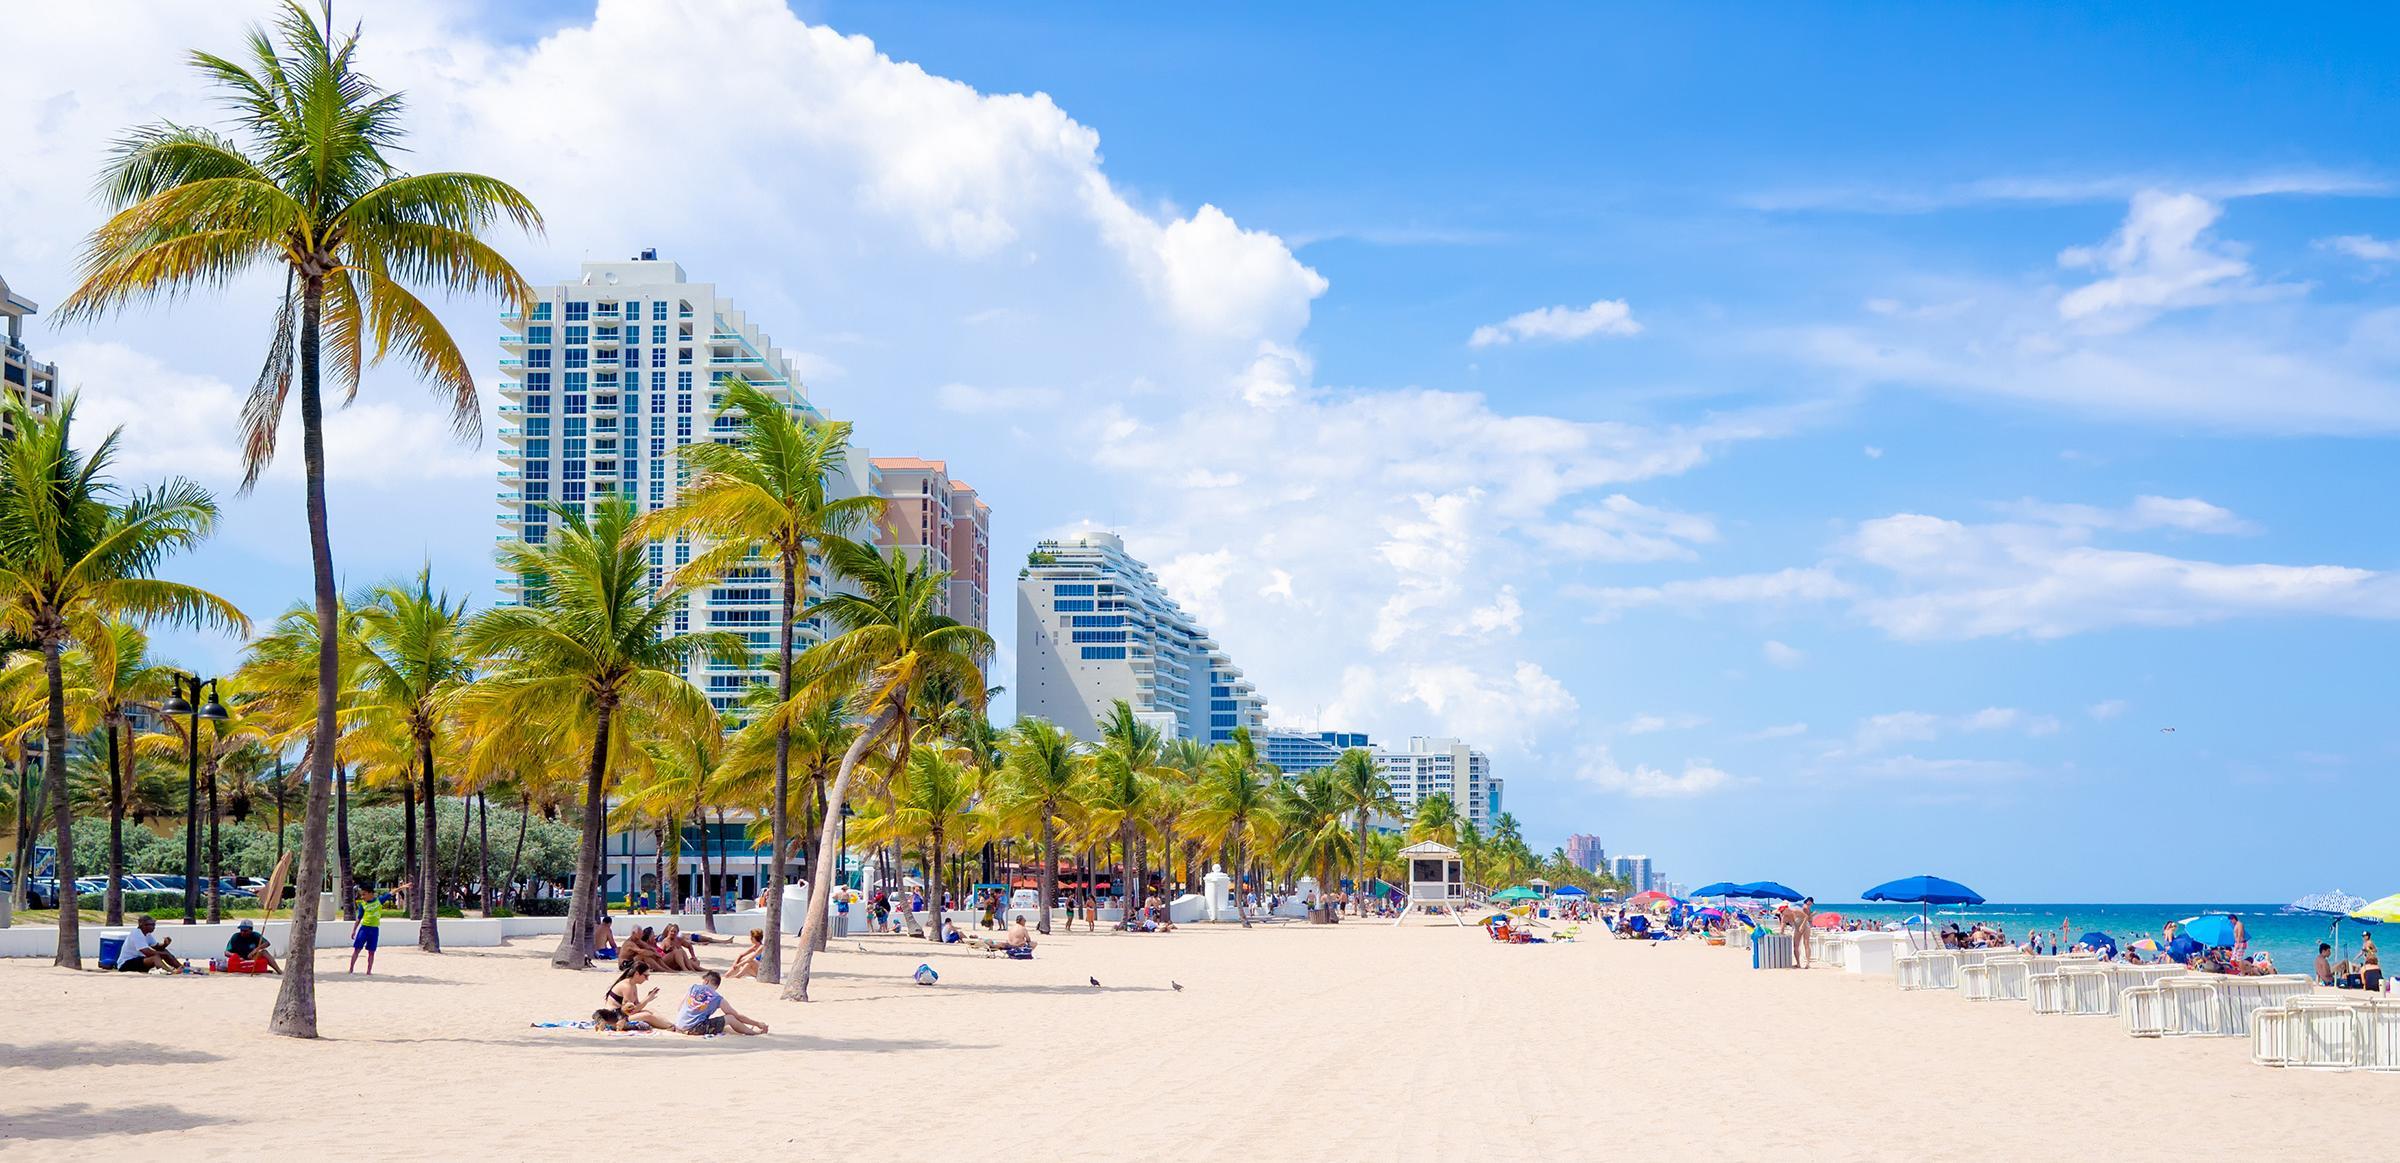 Bem Vindo a Fort Lauderdale